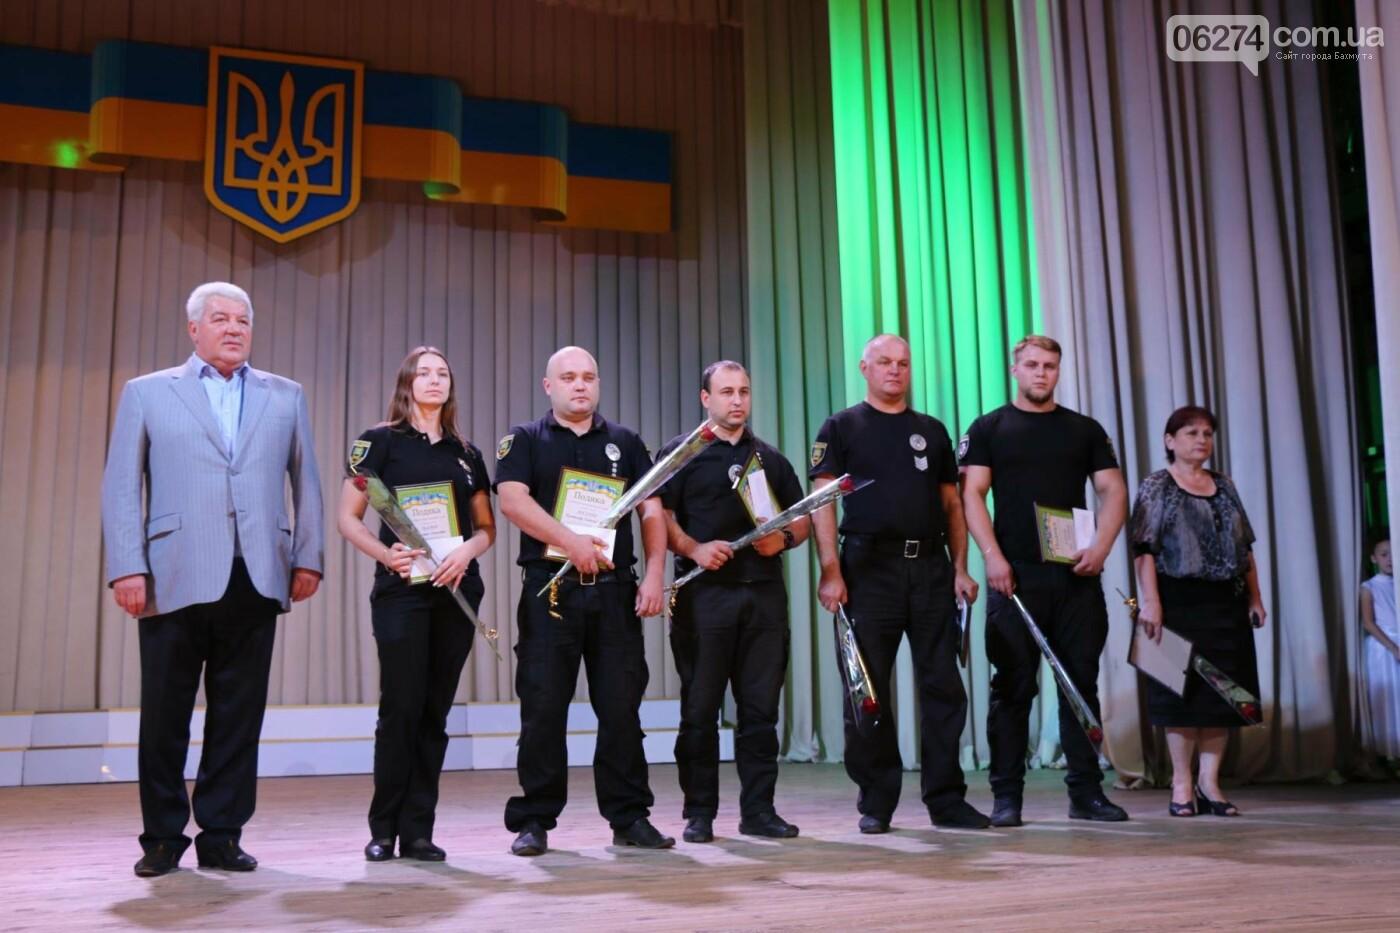 День Национальной полиции Украины отметили в Бахмуте, фото-6